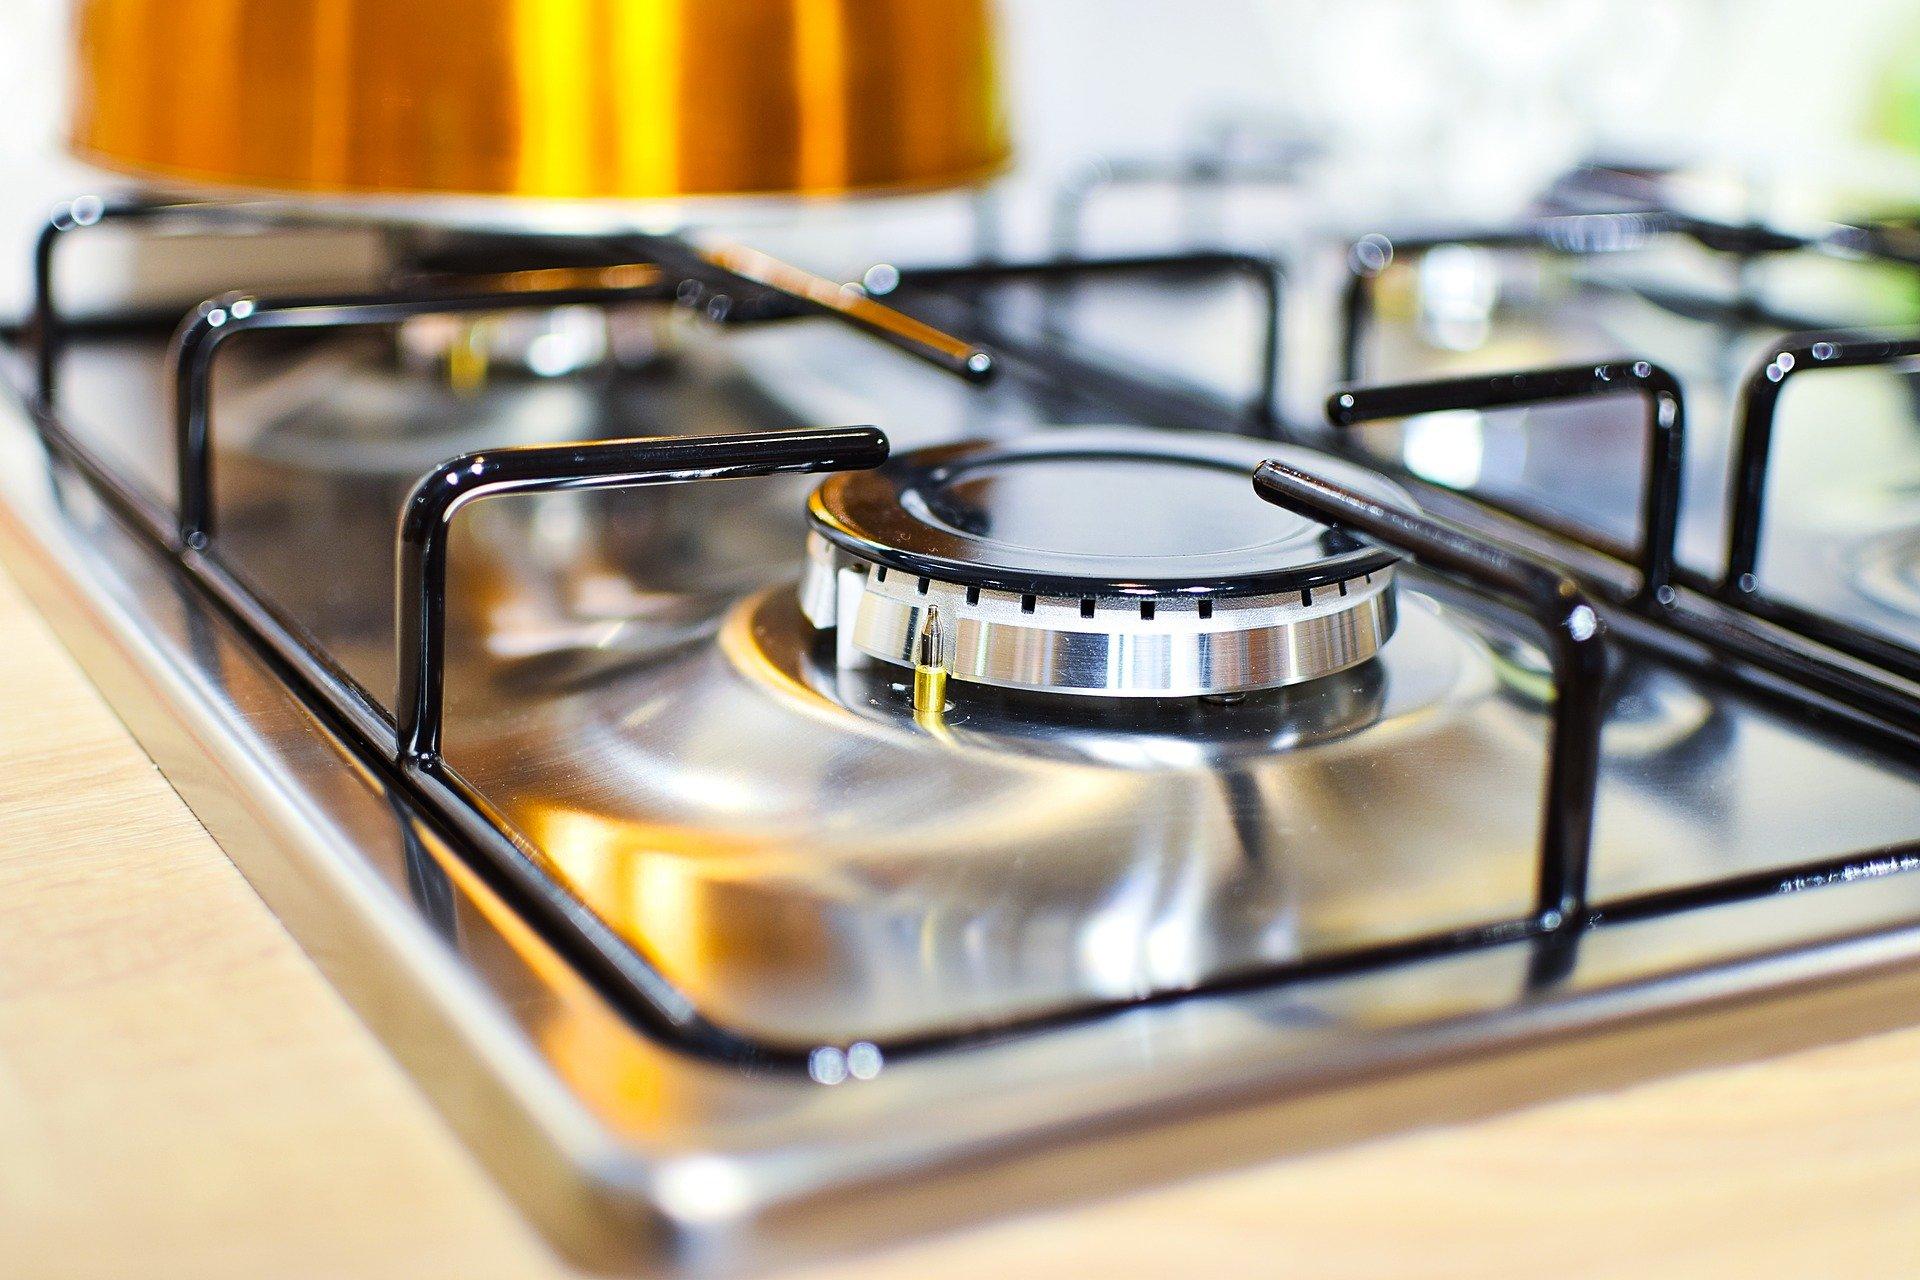 Detektor gazu w domu – dlaczego warto i jak wybrać odpowiedni model?